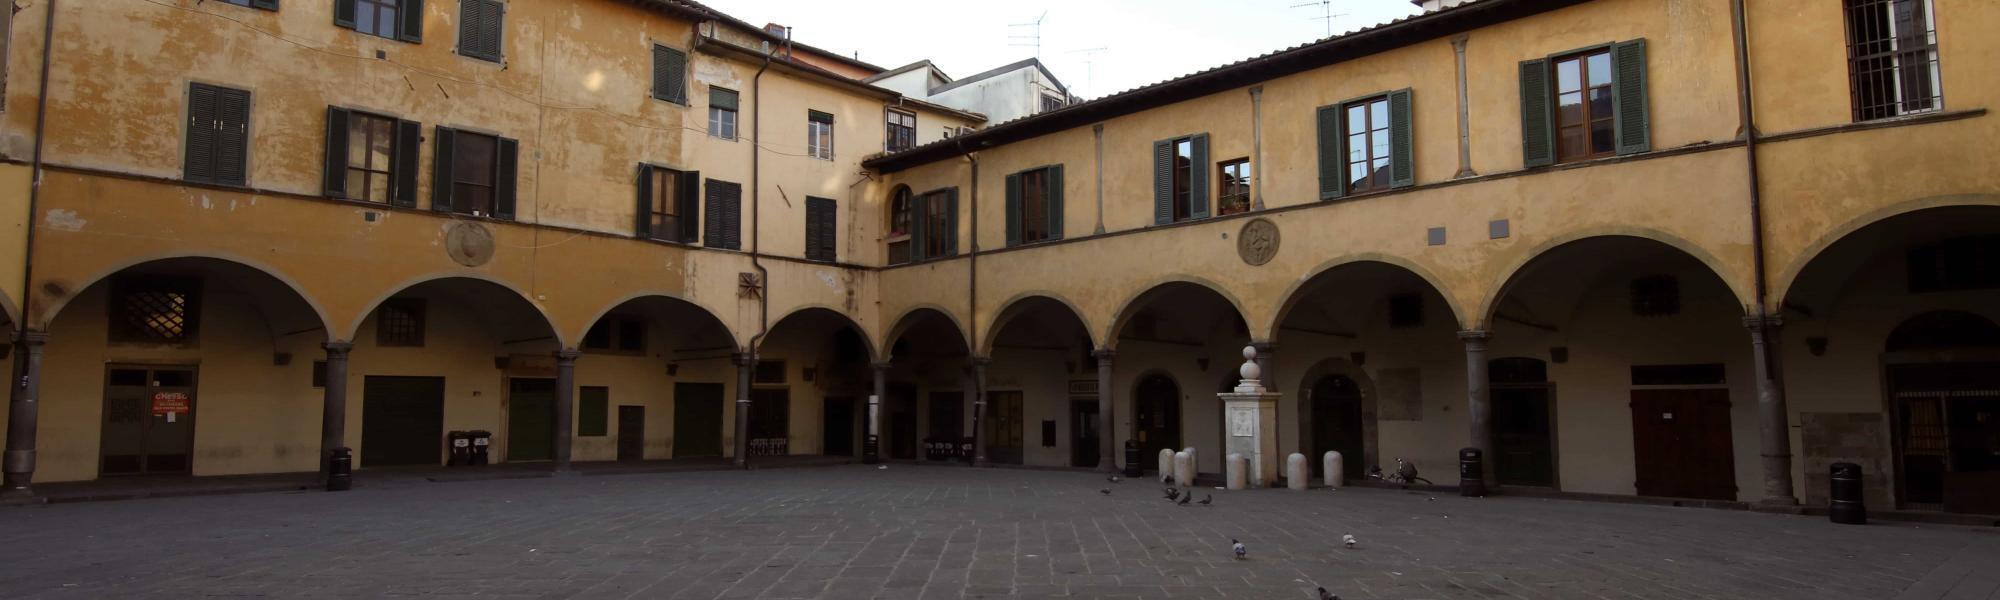 Piazza delle Vettovaglie  (A. Matteucci)